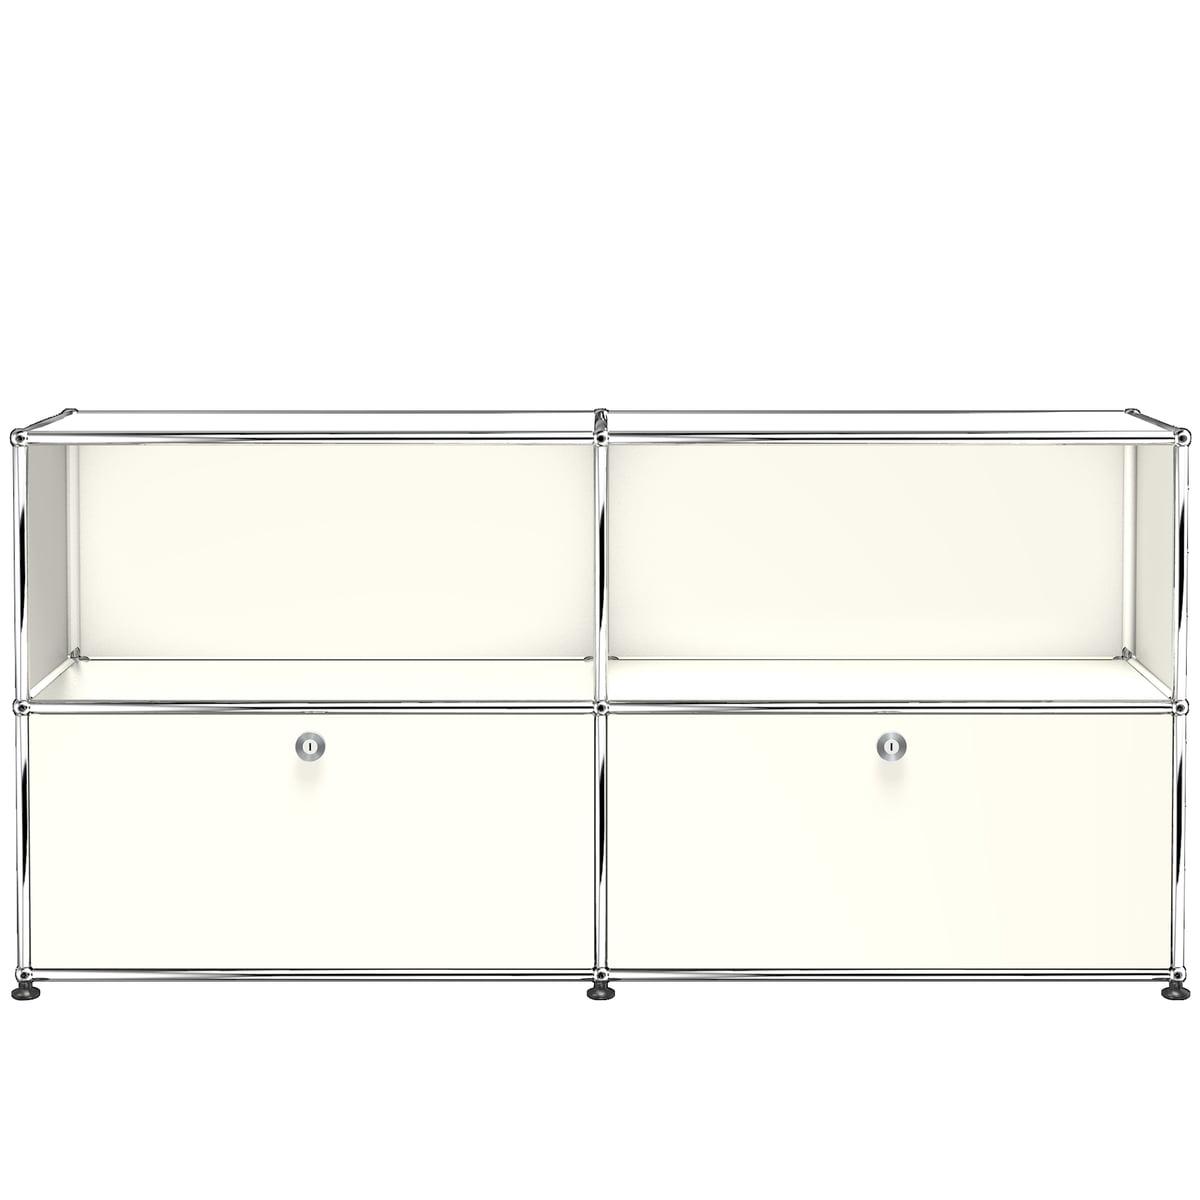 buy the usm sideboard online connox shop. Black Bedroom Furniture Sets. Home Design Ideas